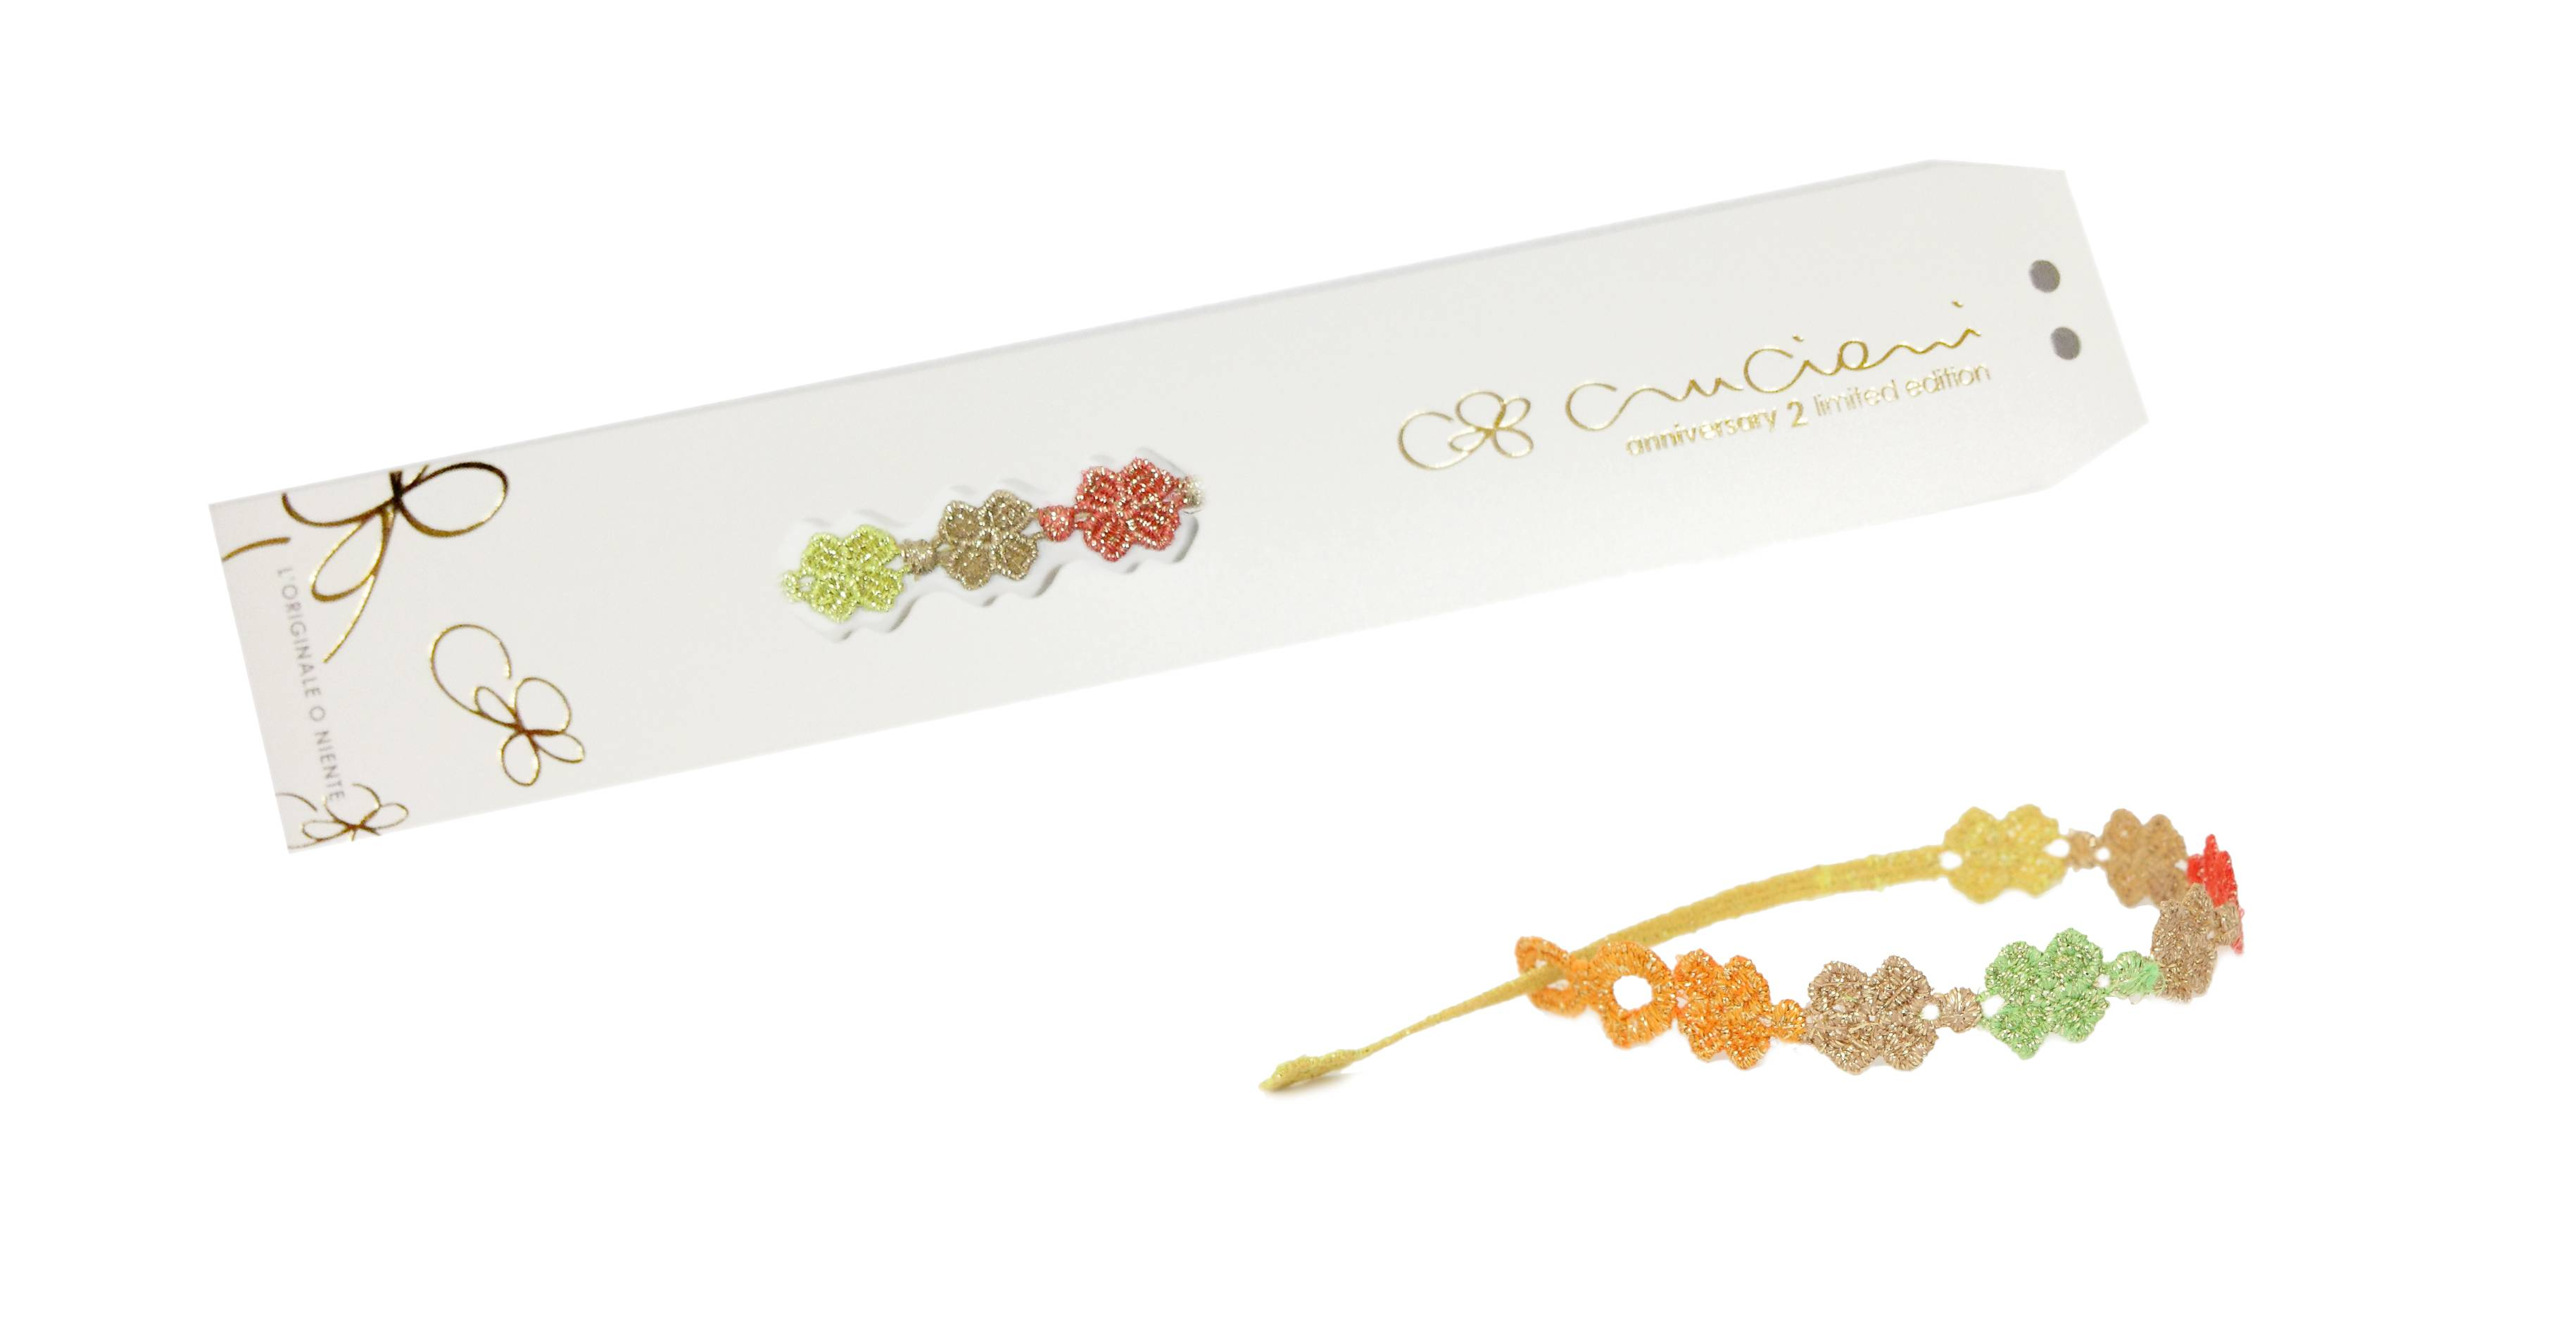 Cruciani C – braccialetto quadrifoglio anniversary